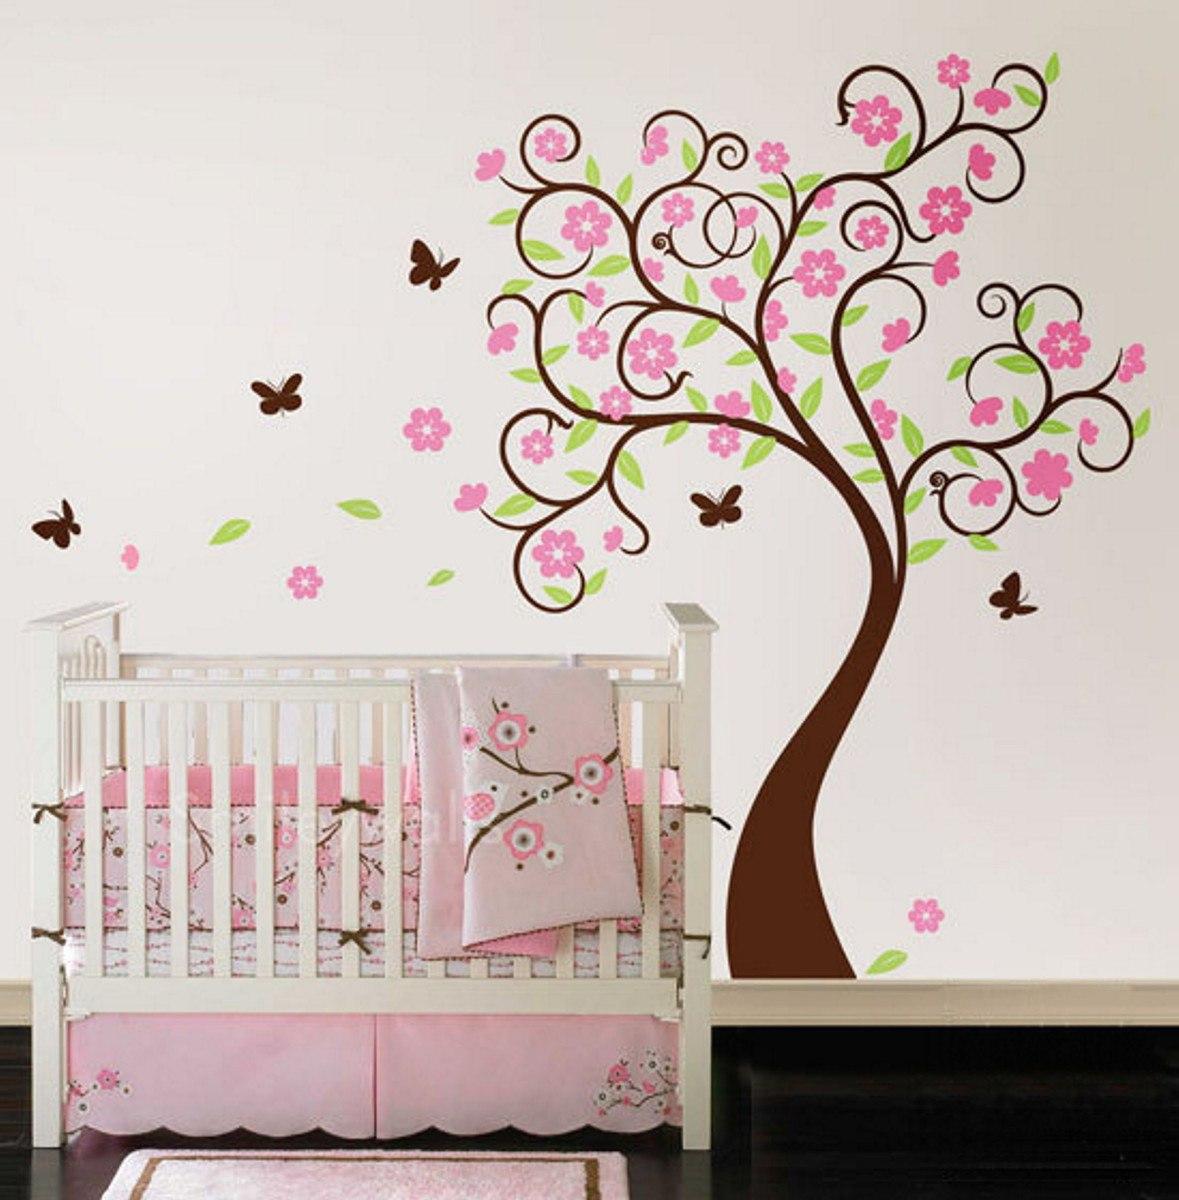 Blossom Wall Stickers Hermoso Vinilo Decorativo 193 Rbol Y Flores Sala Rec 225 Mara